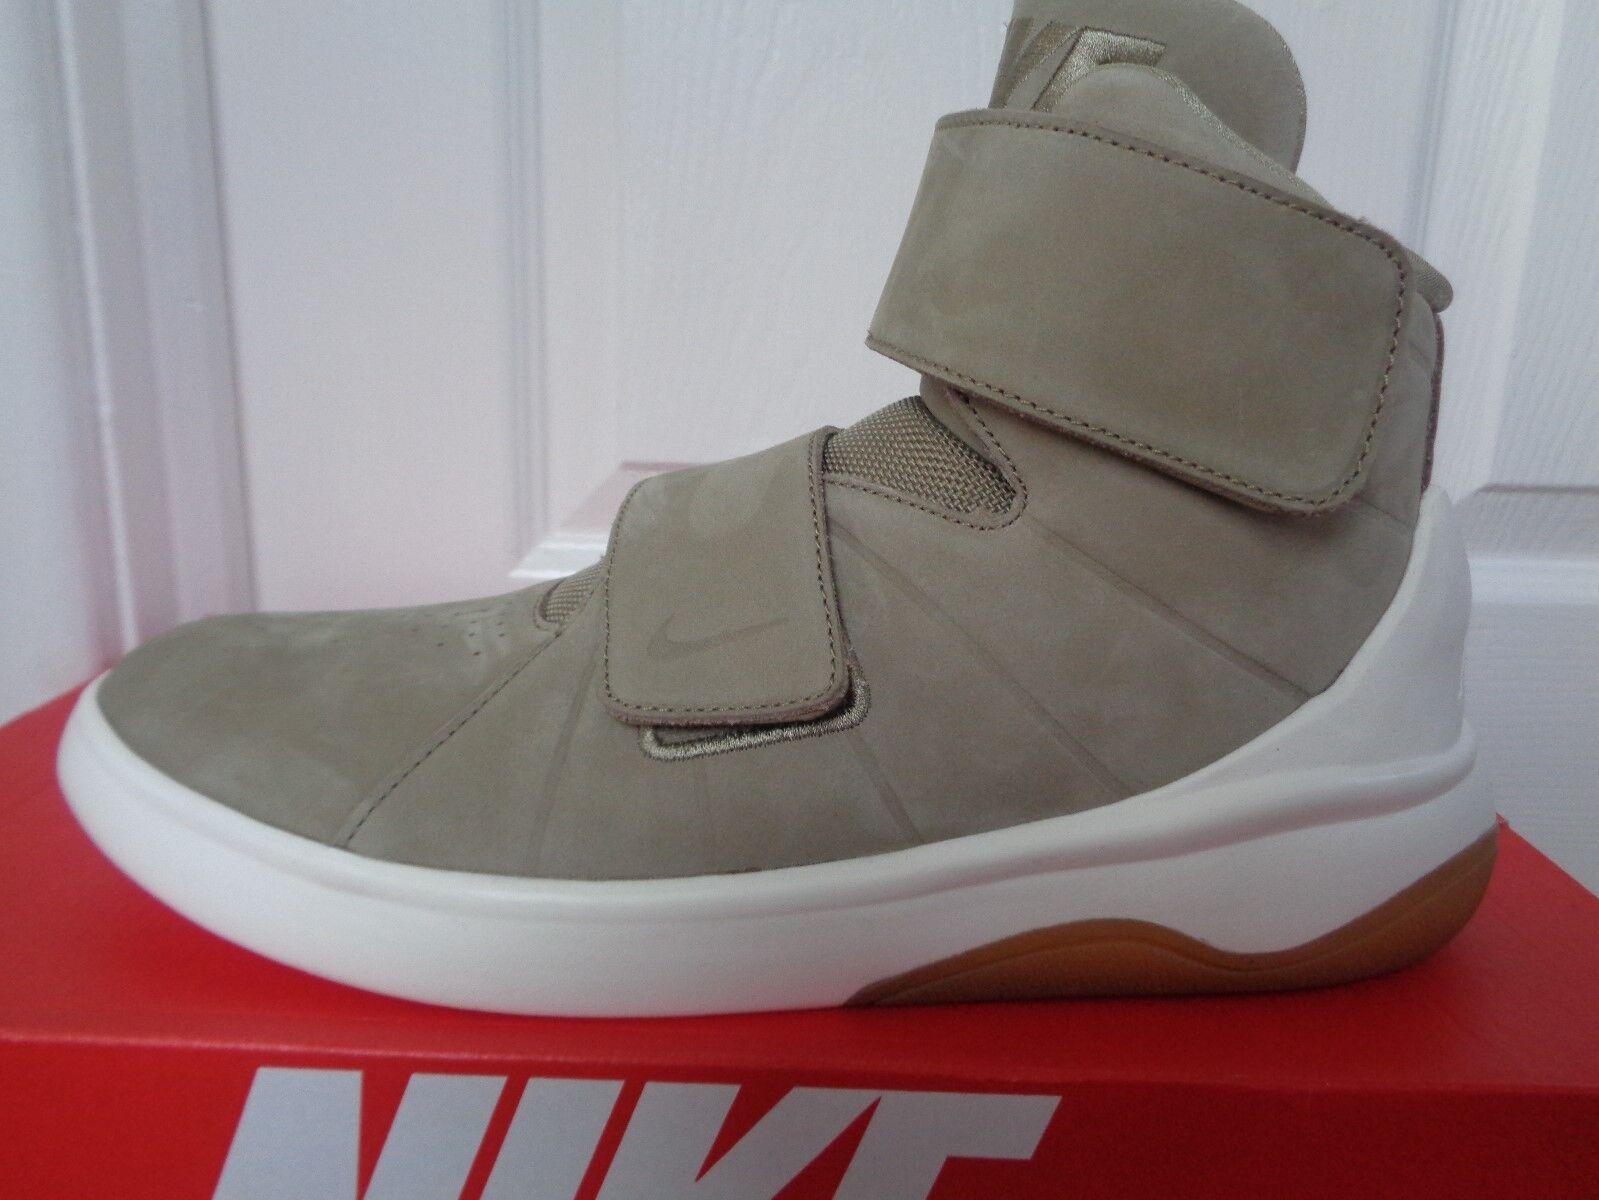 Nike Marxman PRM mens sneakerboot  832766 200 uk 7.5 eu 42 us 8.5 NEW+BOX